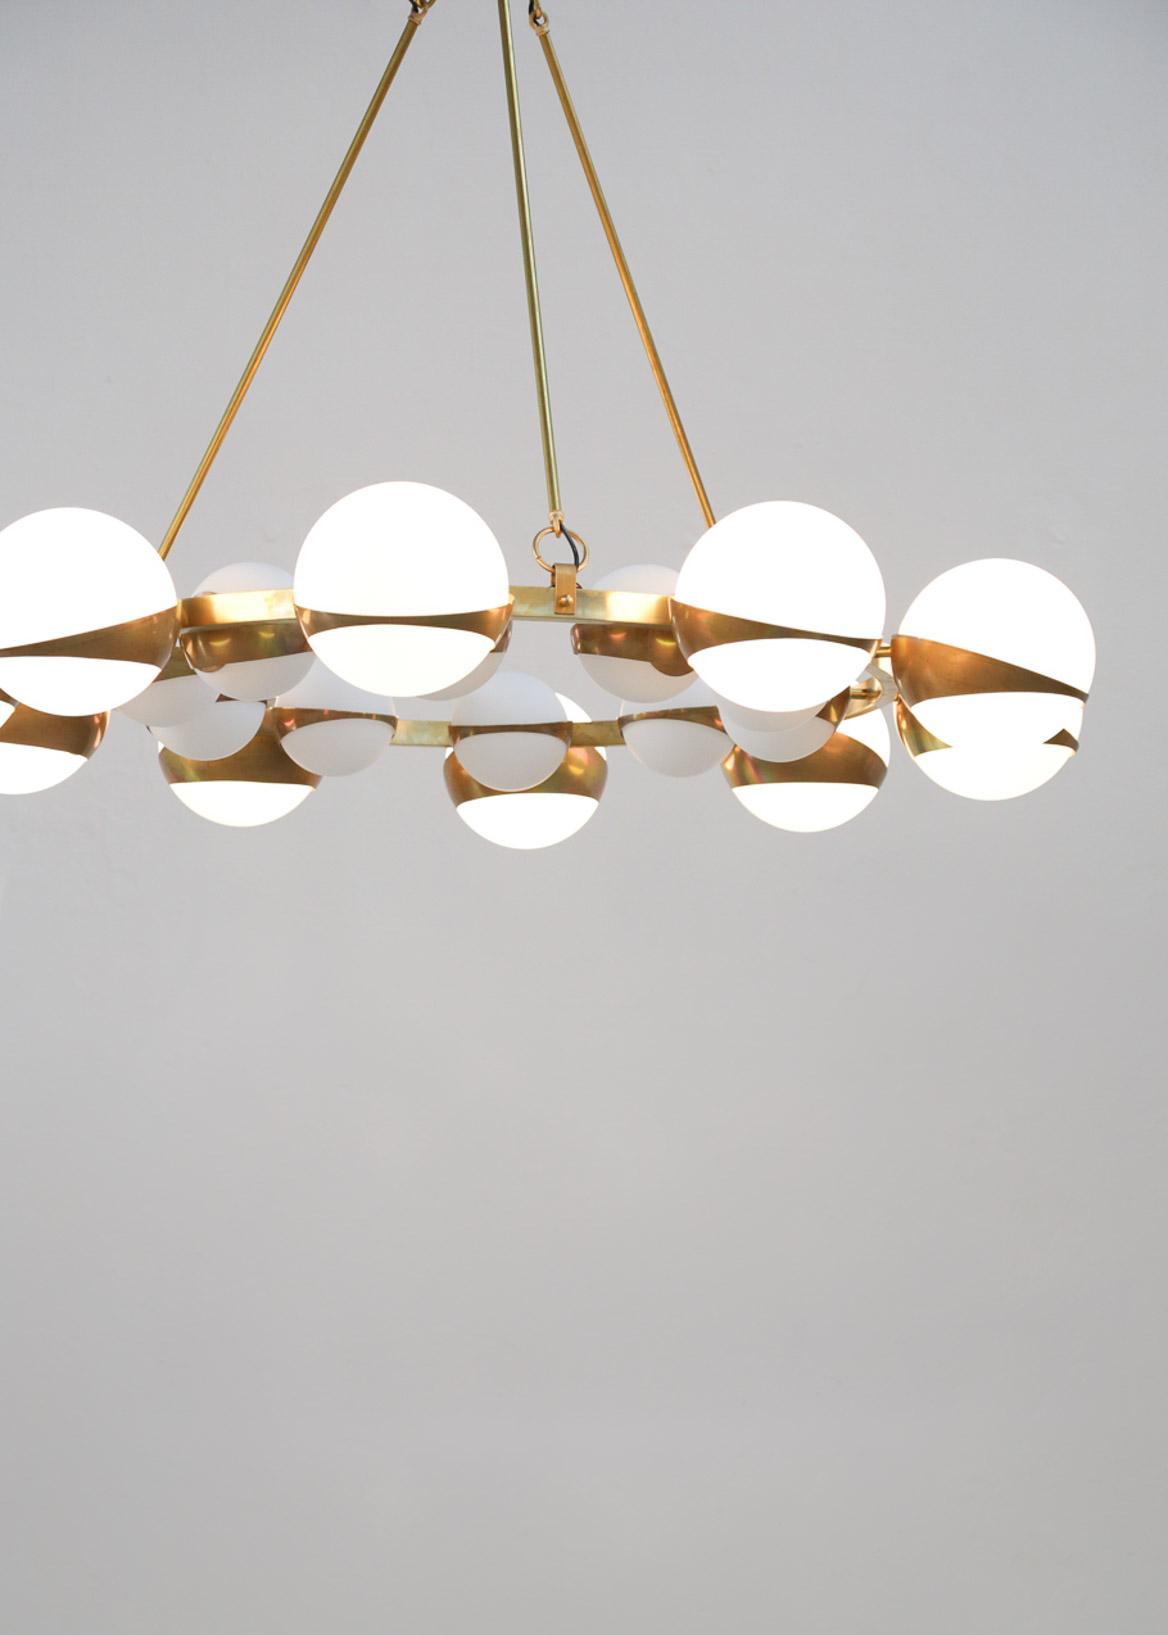 grand lustre italien moderne style stilnovo chandelier italian design danke galerie. Black Bedroom Furniture Sets. Home Design Ideas